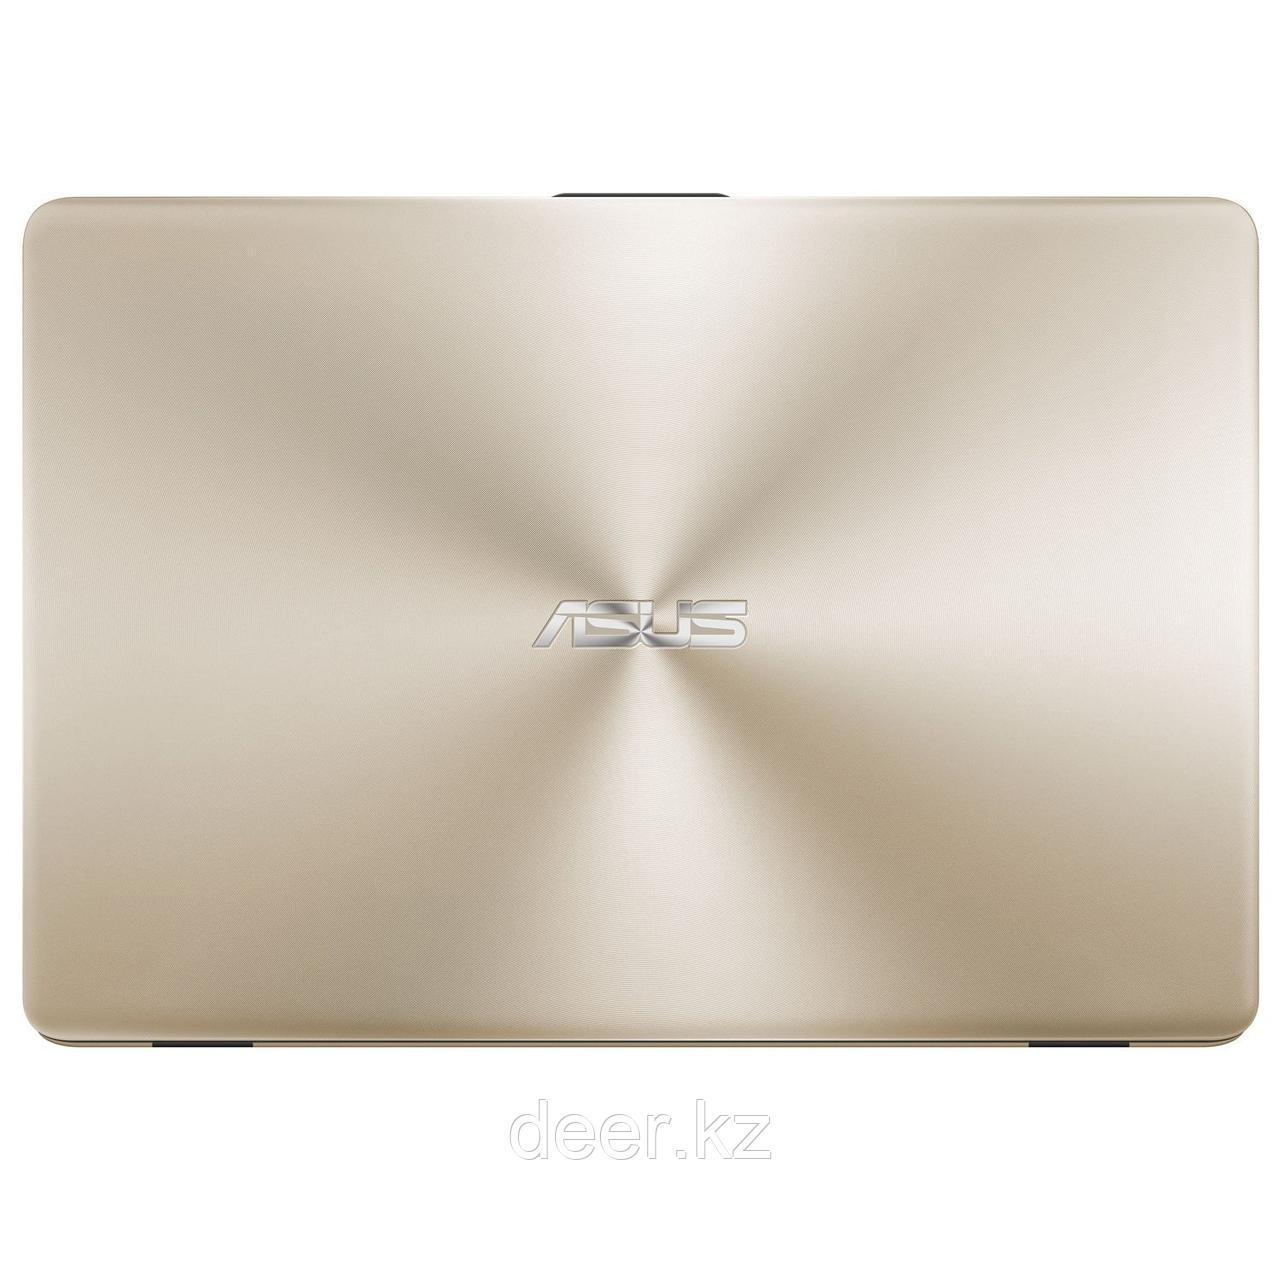 Ноутбук Asus 14 ''/VivoBook 14 X405UA-BV721T /Intel Core i5 7200U 90NB0FA9-M10200